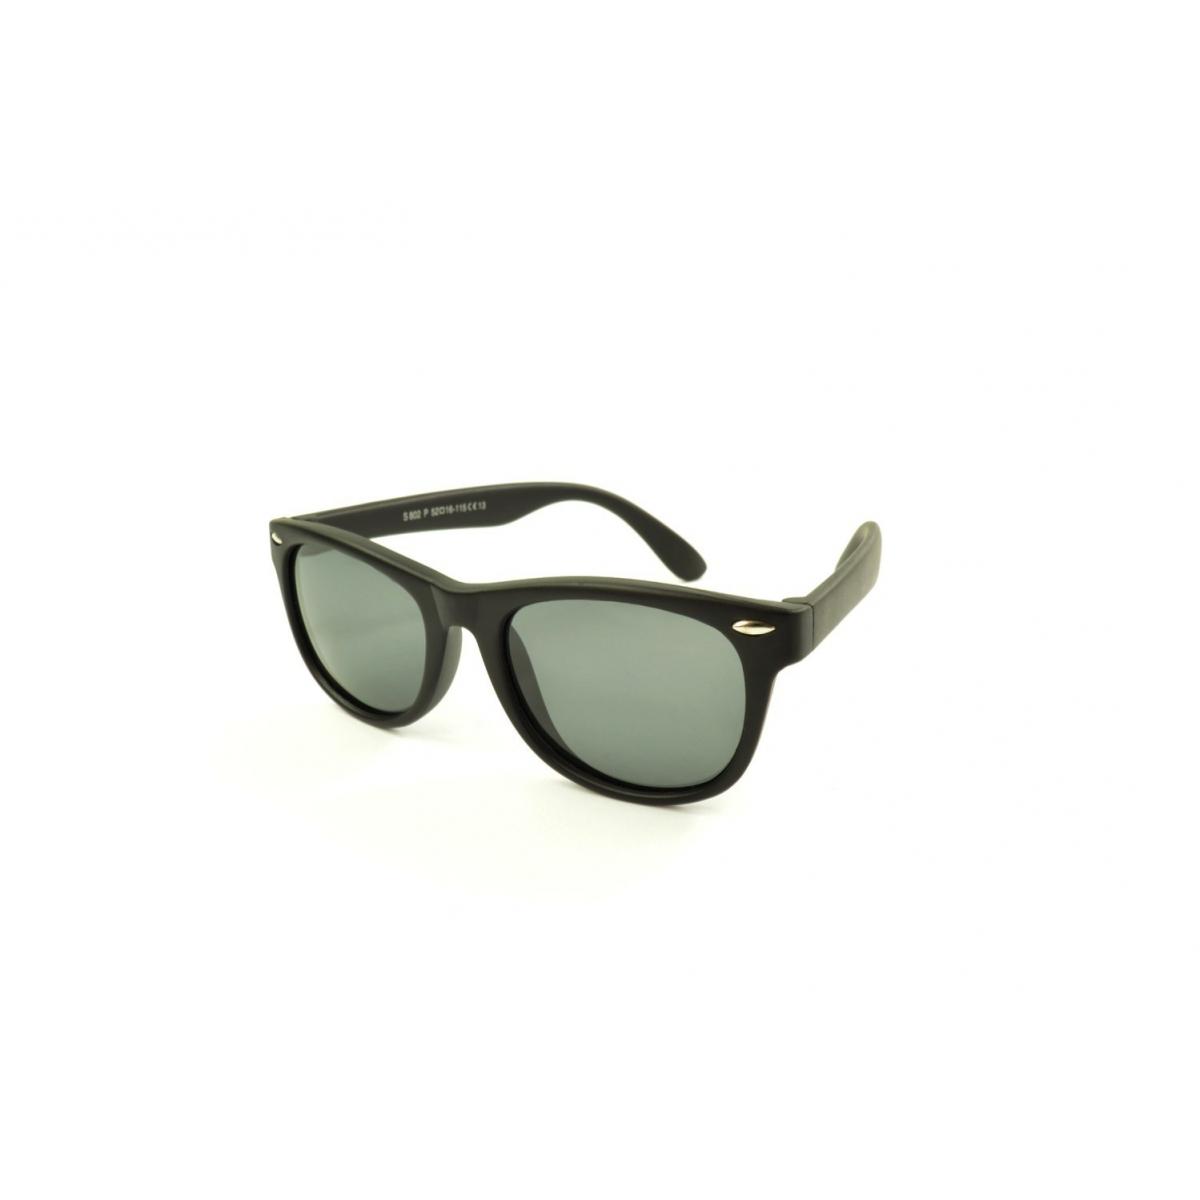 Gafas de sol polarizadas de niño Pantos con 2 clavos en cada lado de la montura